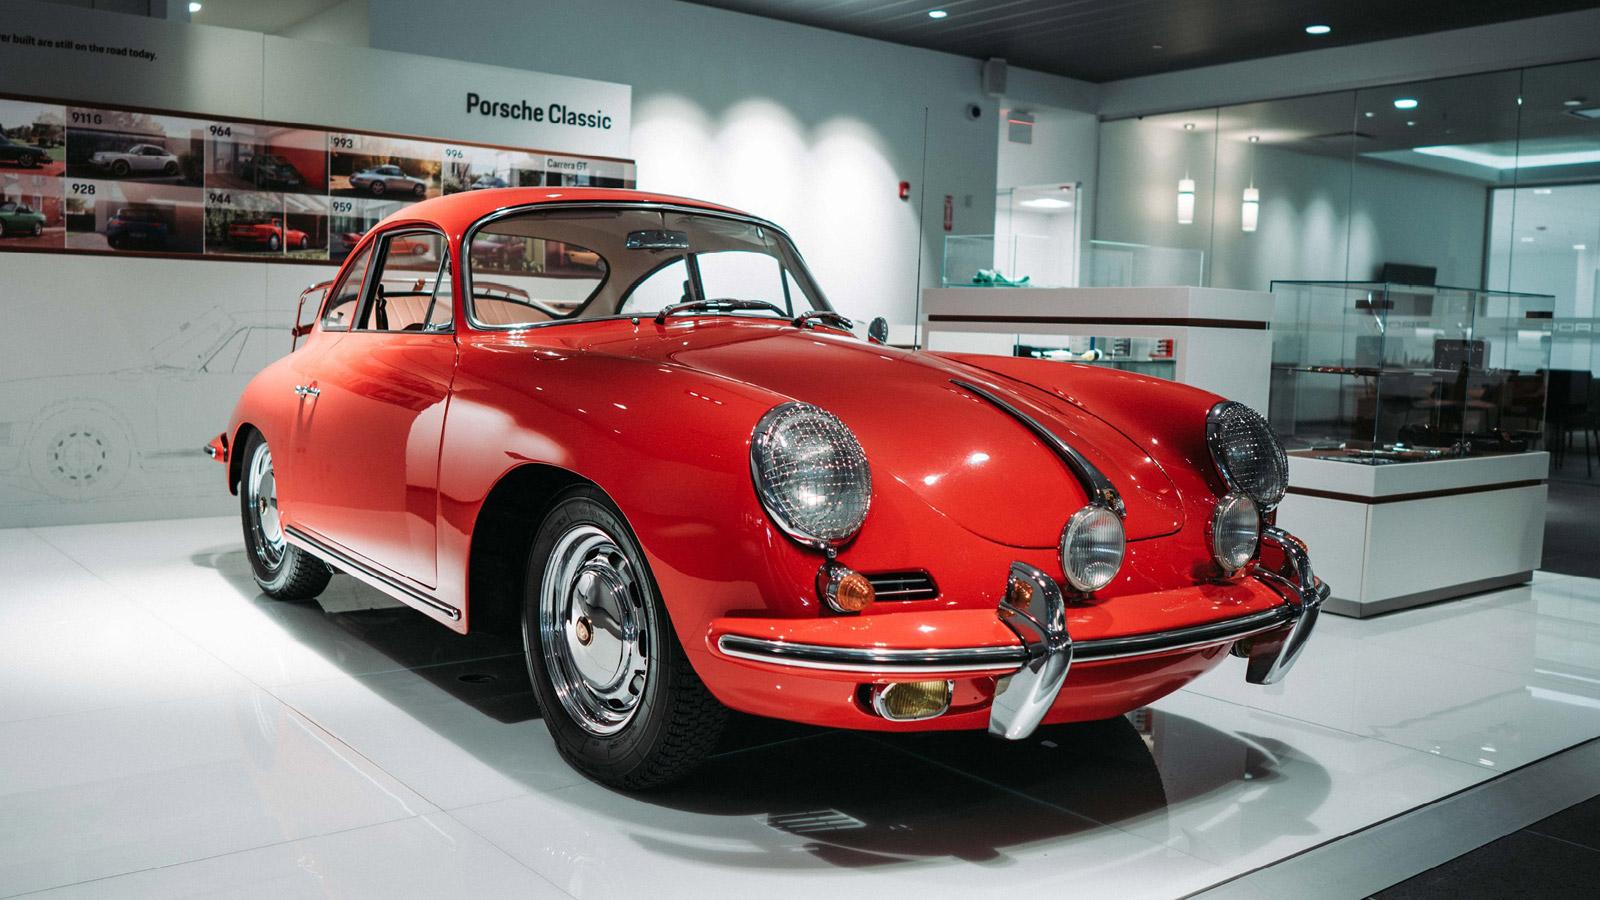 Napleton Westmont Porsche